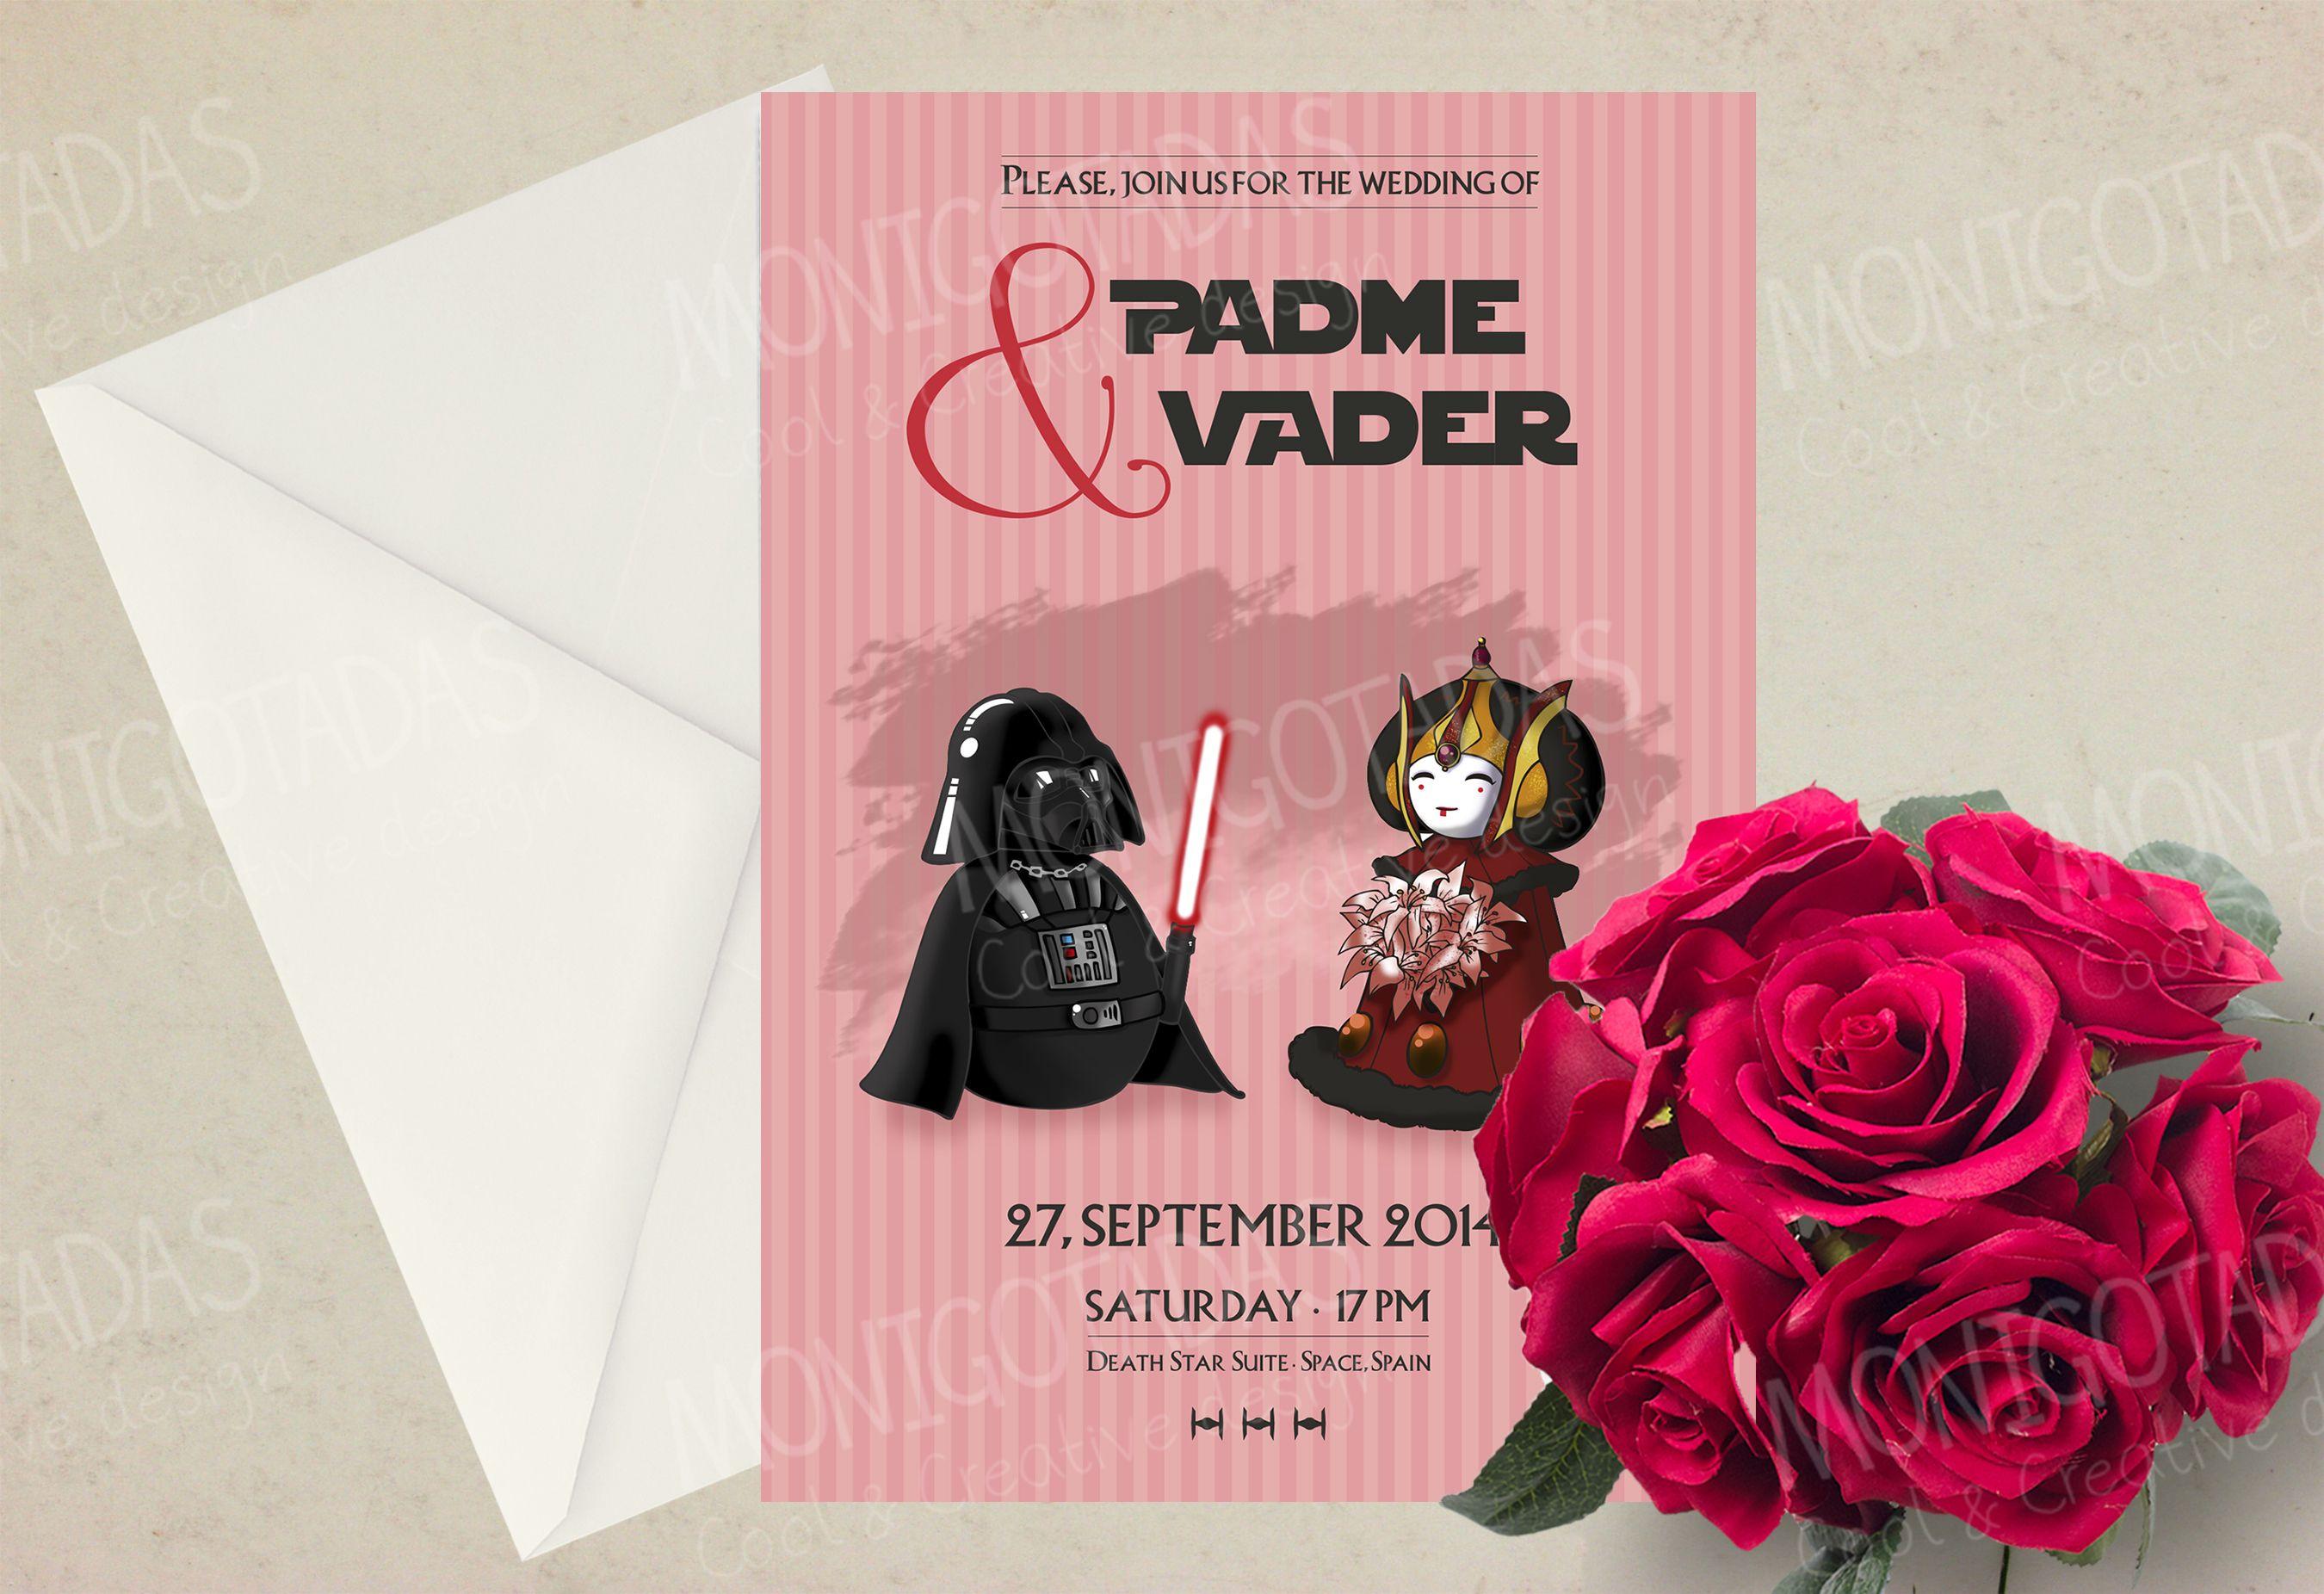 Invitaciones de boda Star Wars / Wedding Invitations Star Wars ...